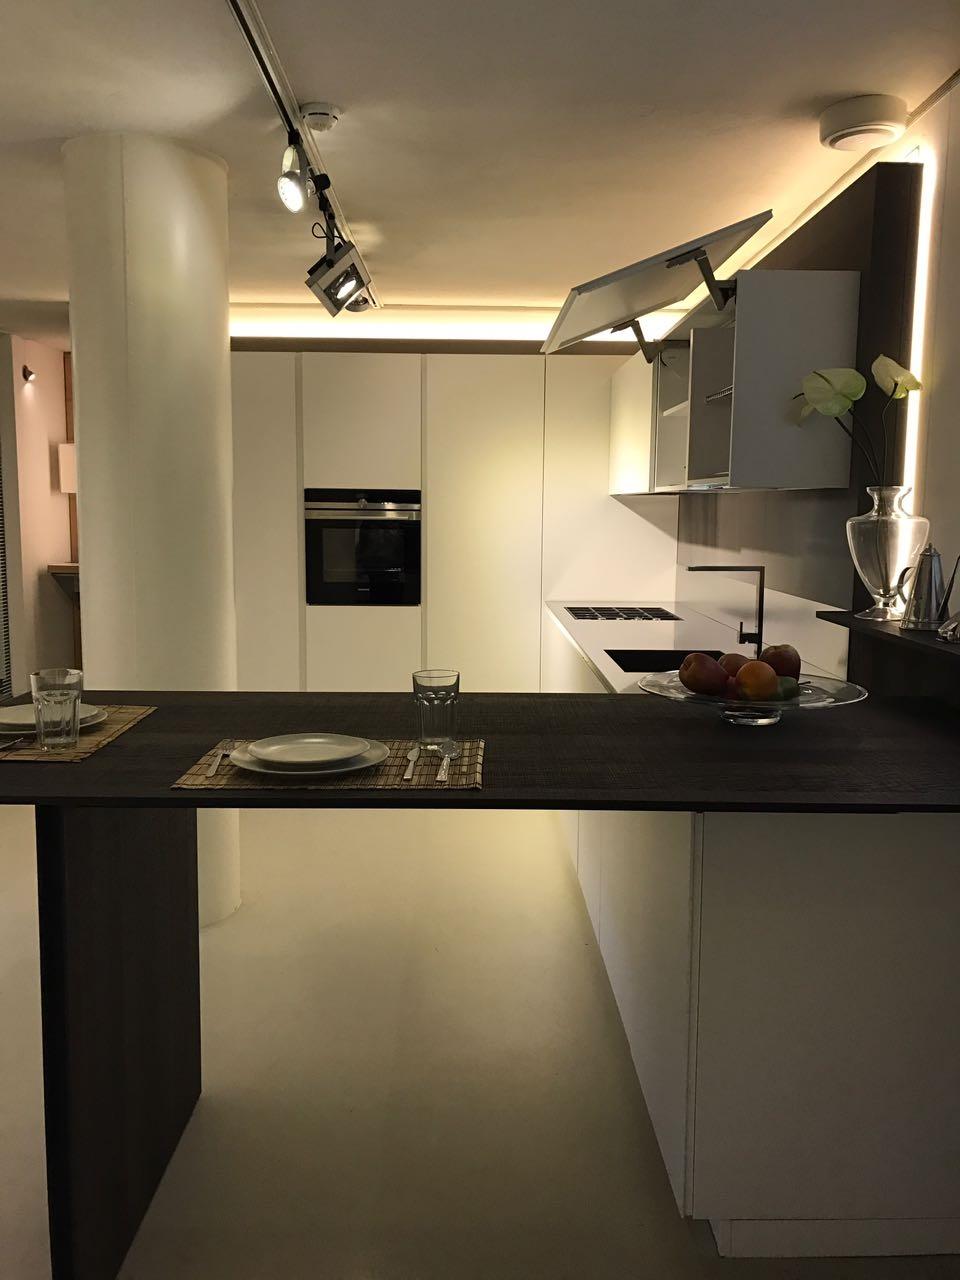 Occasione cucina Arrital Ak_04 completa di elettrodomestici ...